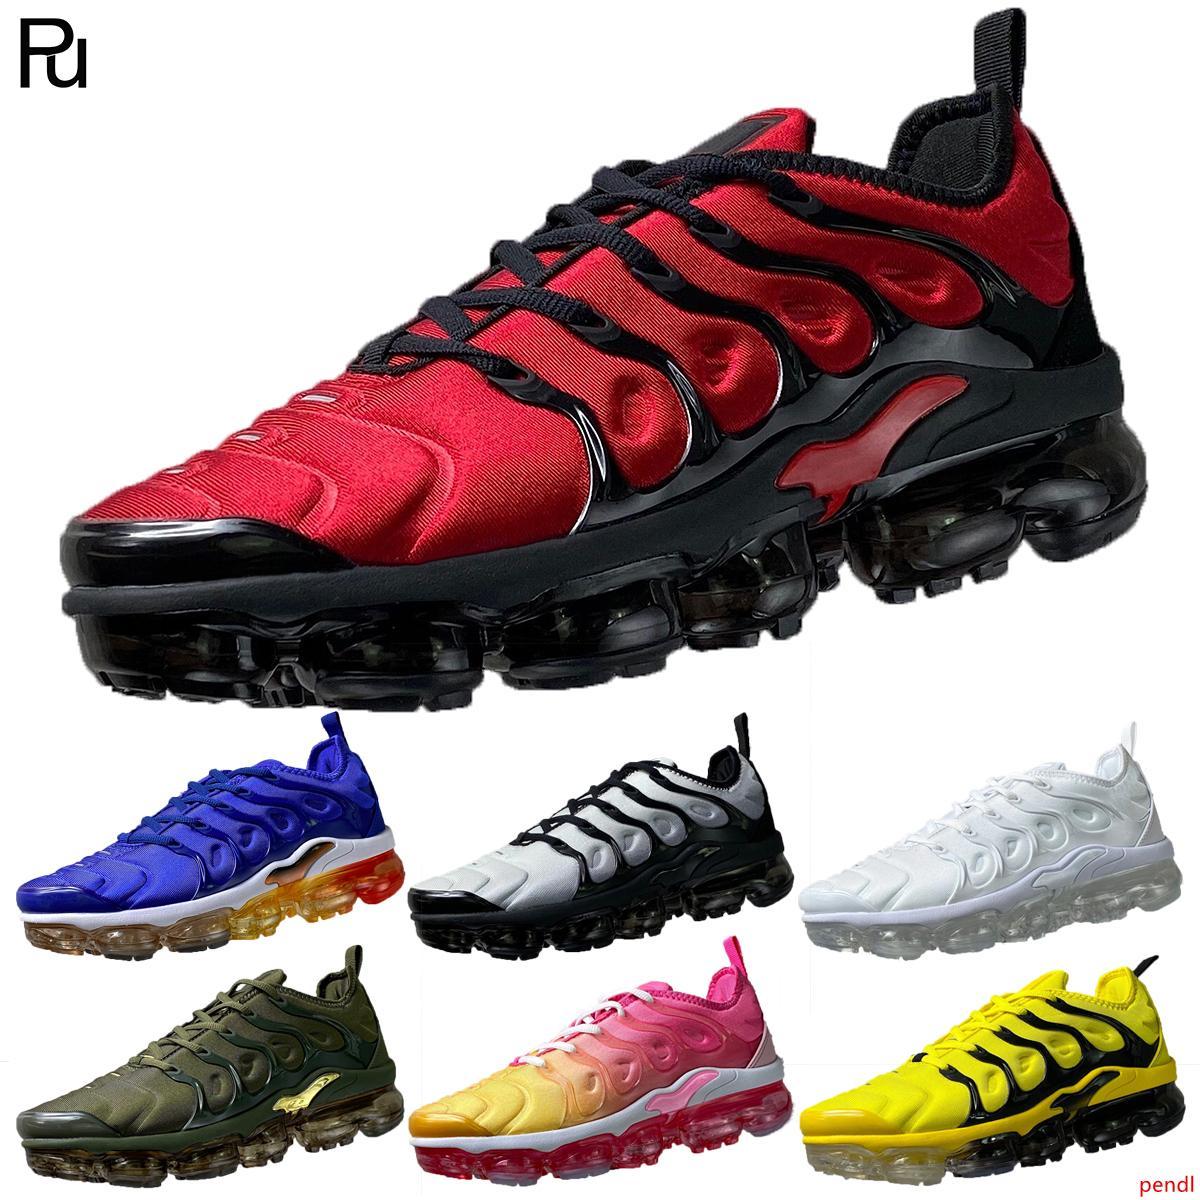 Zapatos de calidad superior estilista Tn PLUS arco iris violeta persa de limón de limón para los hombres Overbranding Triple Juego Real corrientes de las mujeres runers las zapatillas de deporte